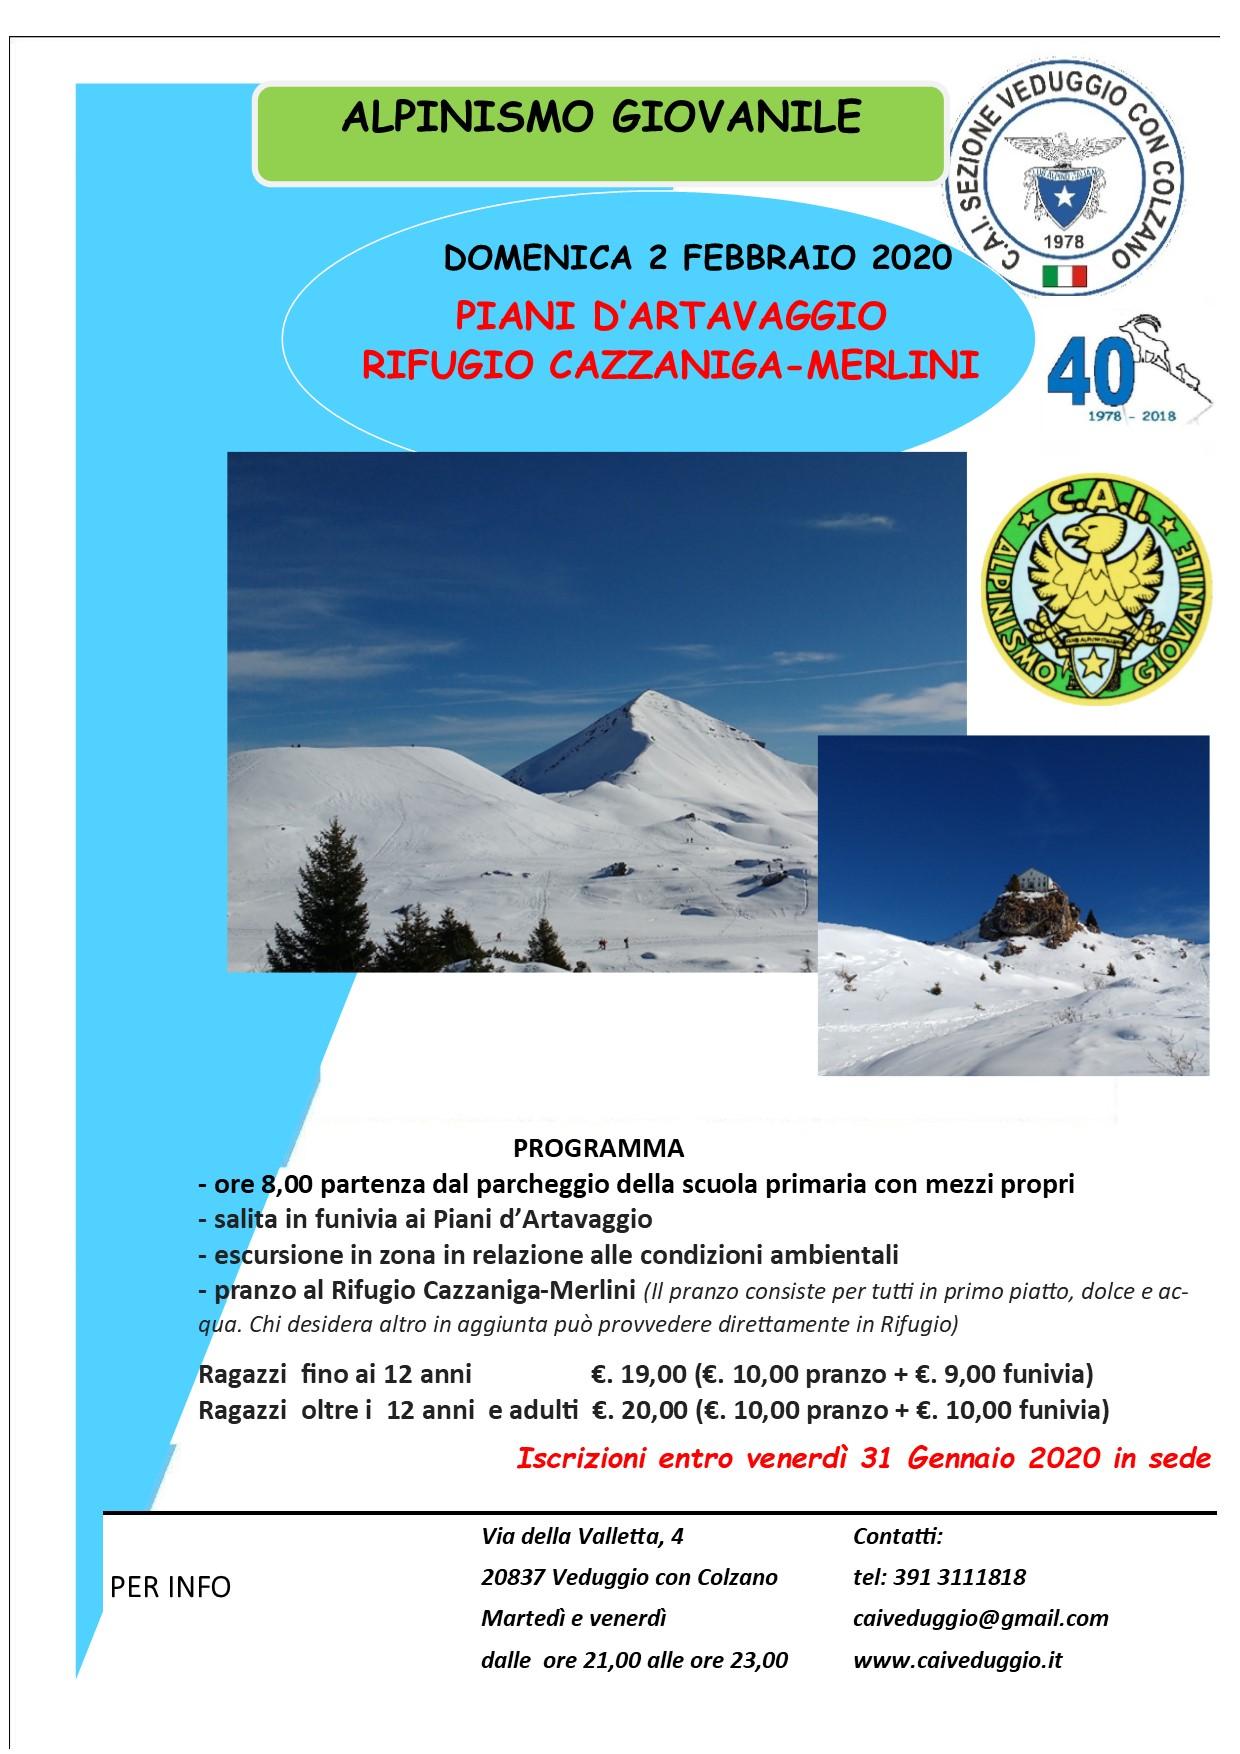 Domenica 2 febbraio 2020 – Alpinismo Giovanile – Rifugio Cazzaniga/Merlini